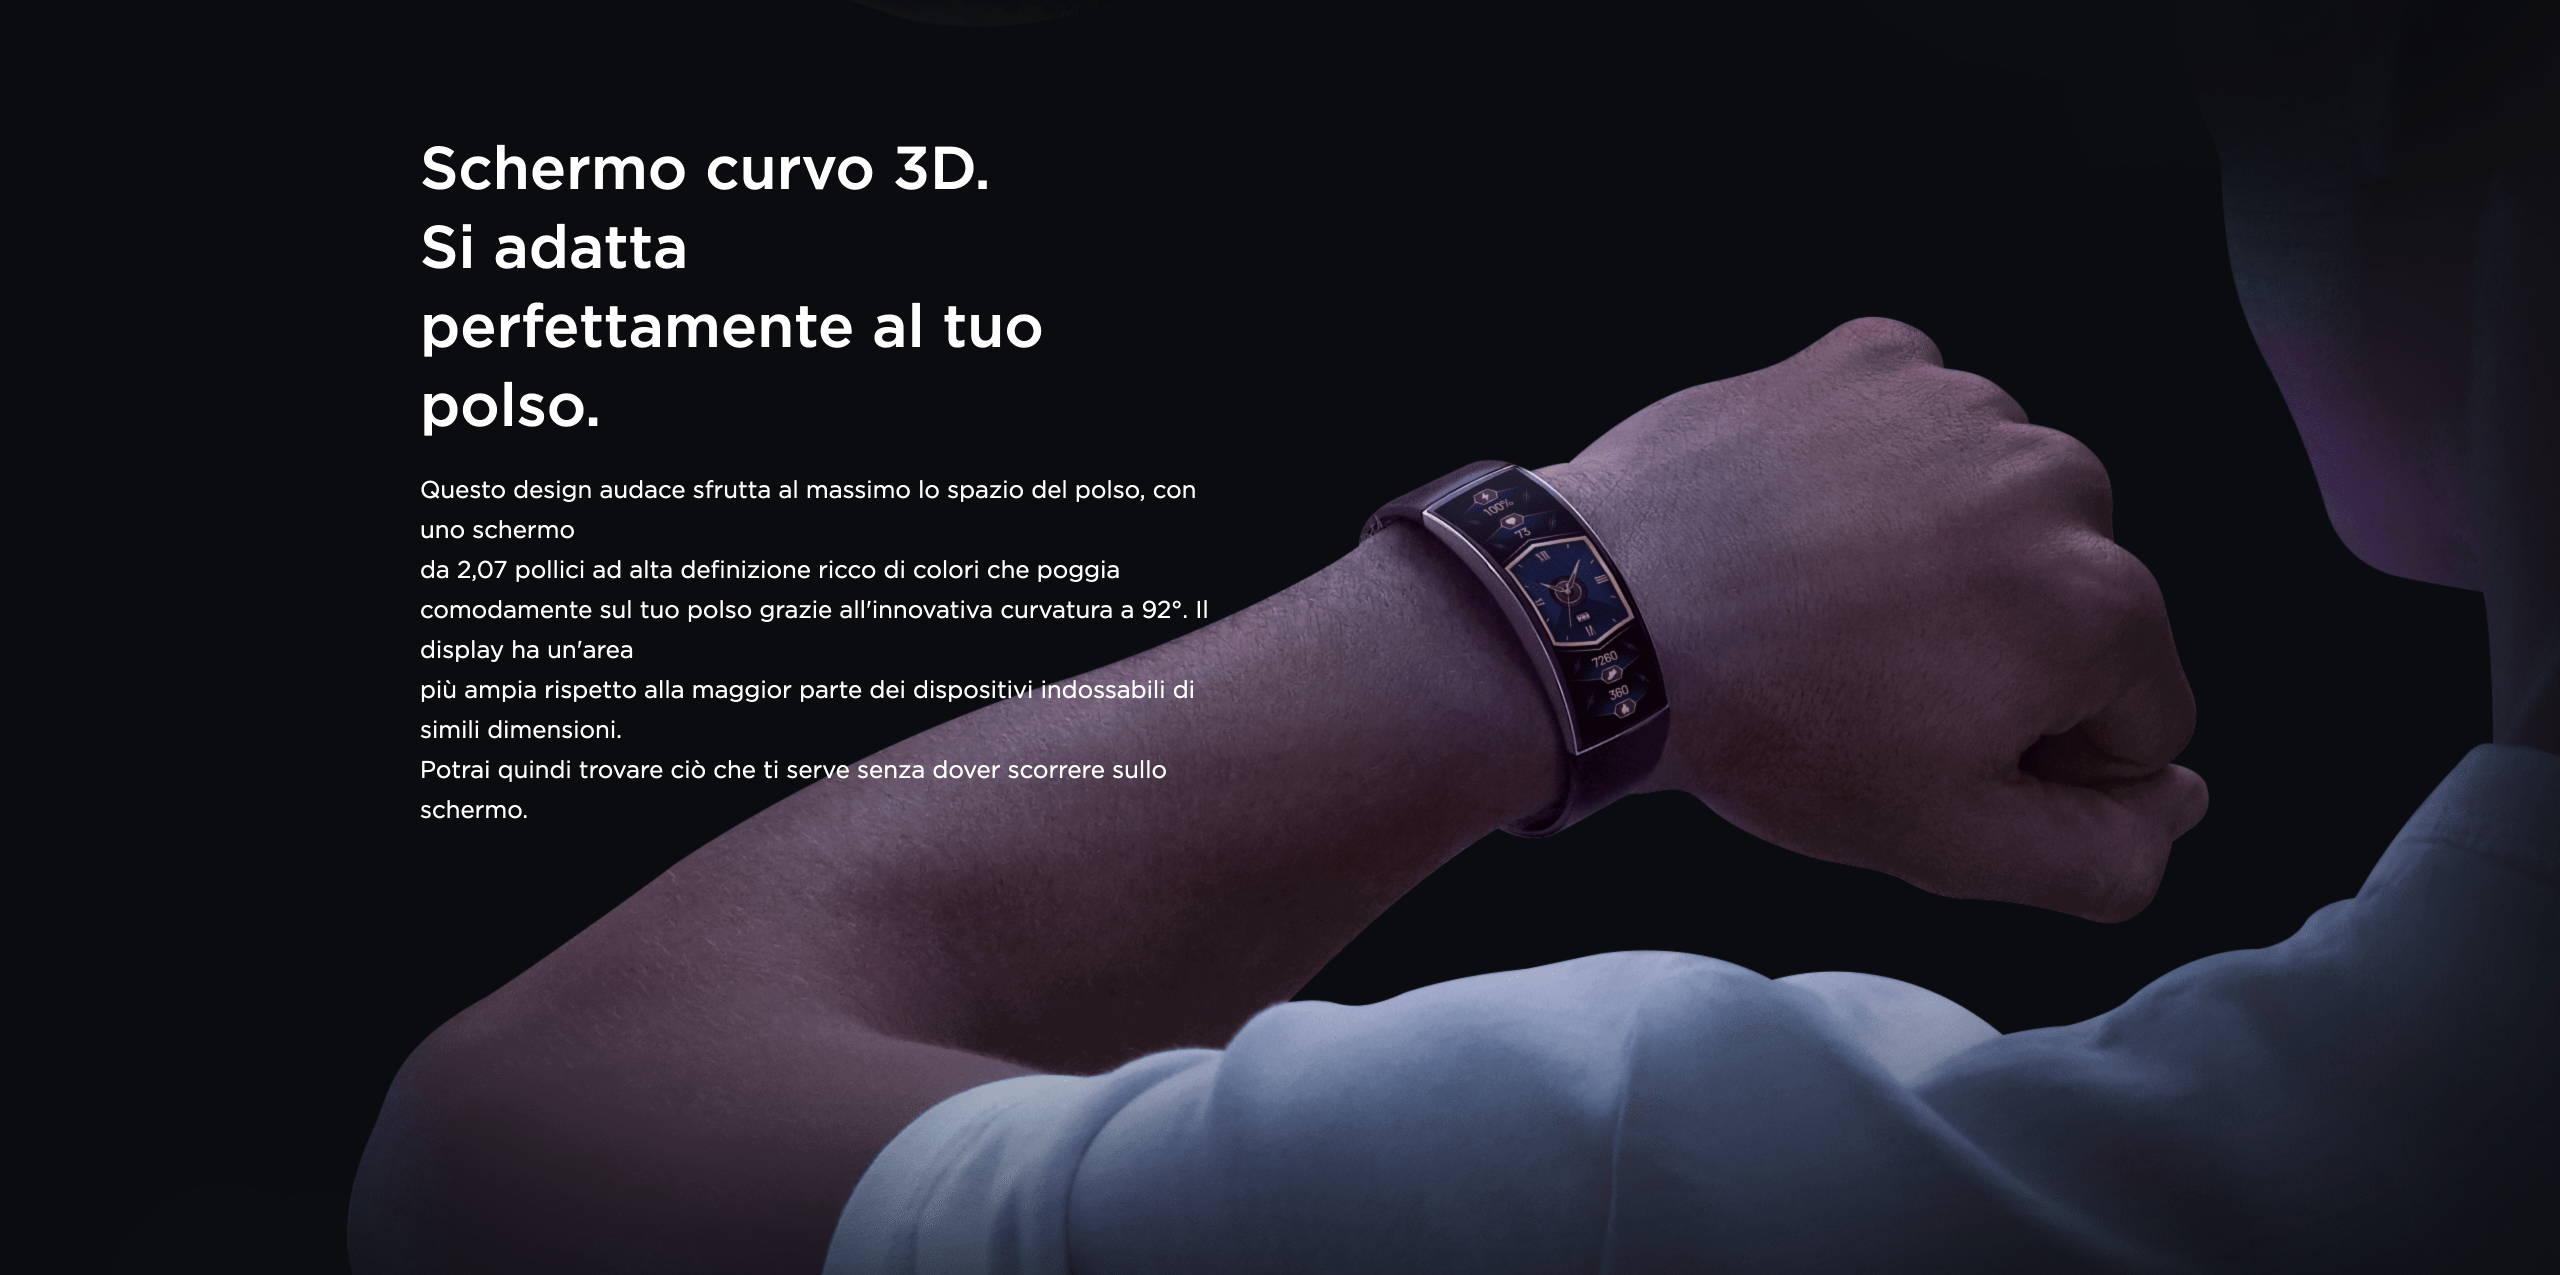 Amazfit X - Schermo curvo 3D. Si adatta perferramente al tuo polso.